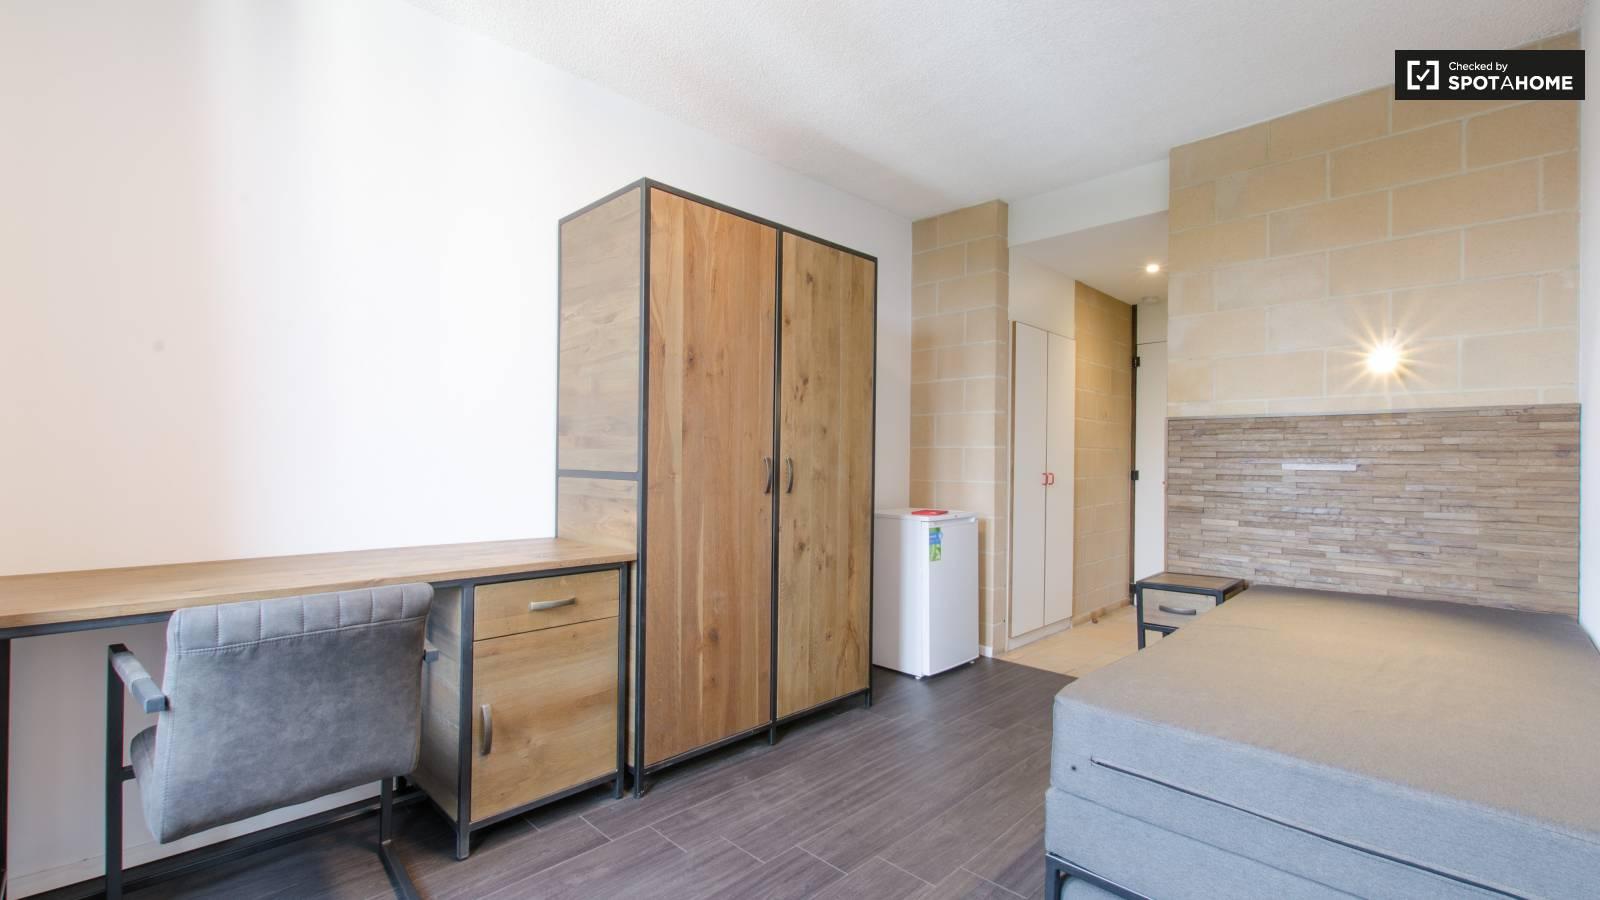 Bedroom type D